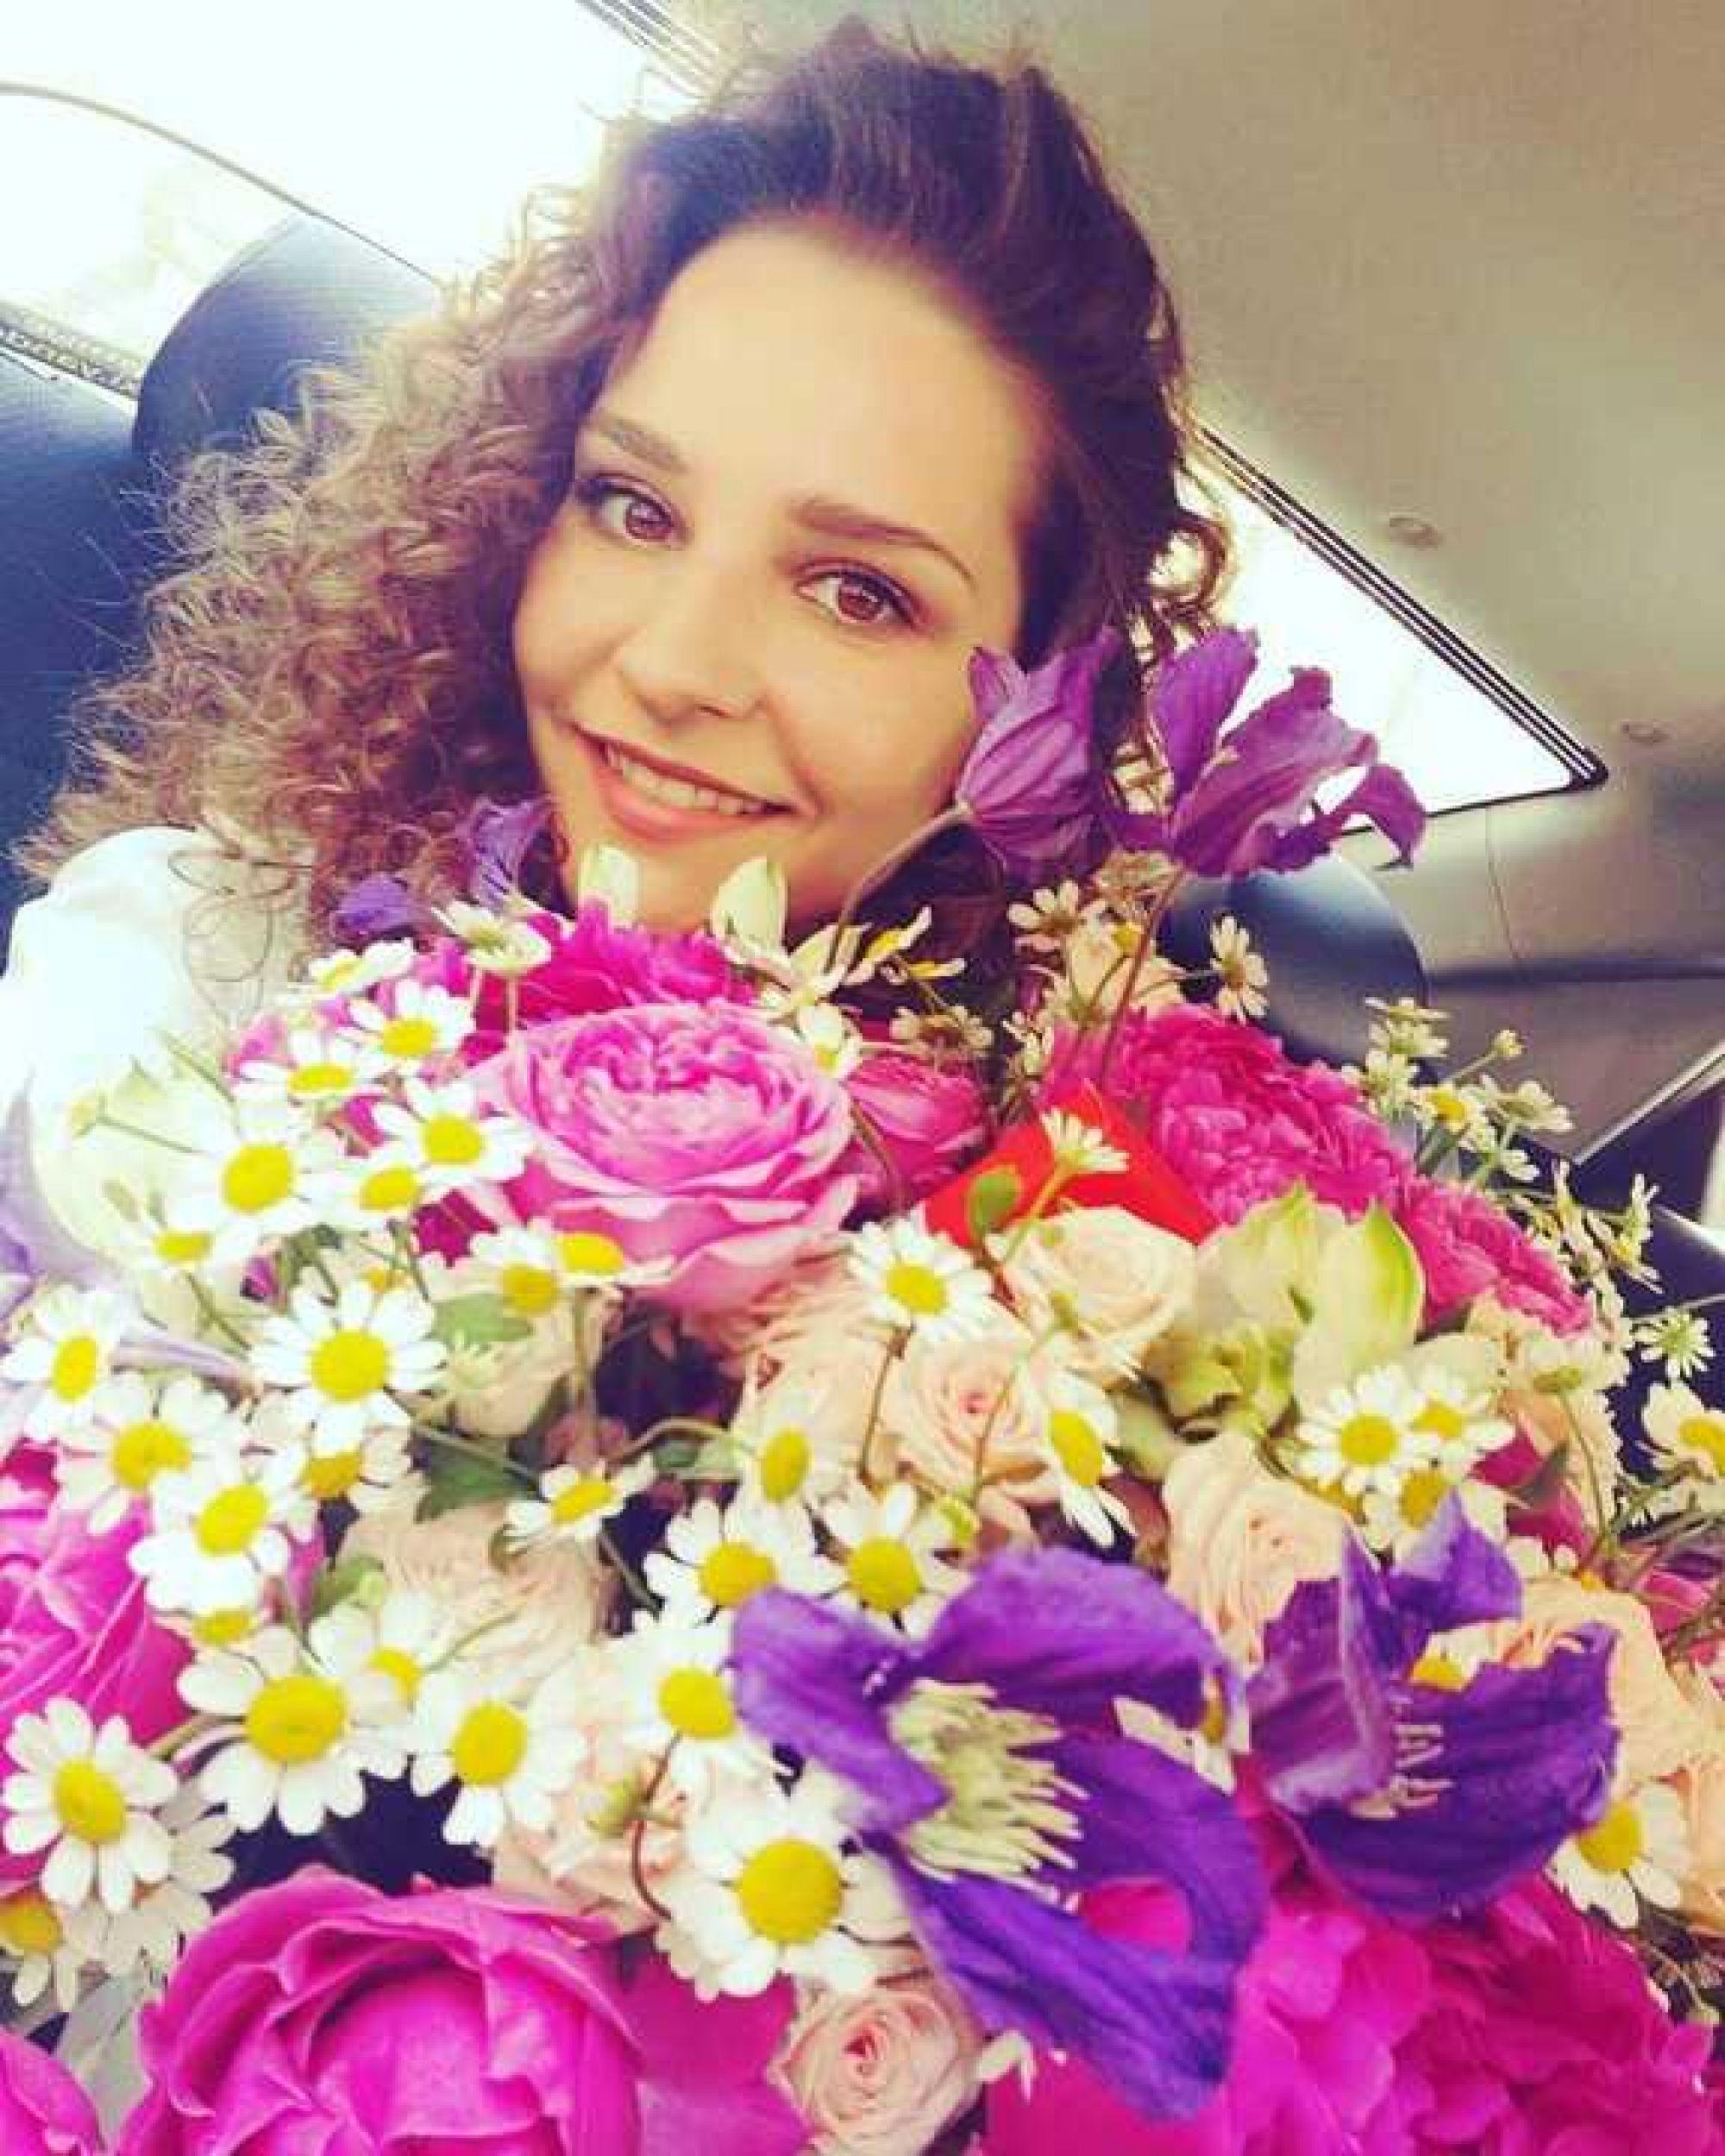 Глафира Тарханова ответила фанатам на вопрос о своей пятой беременности